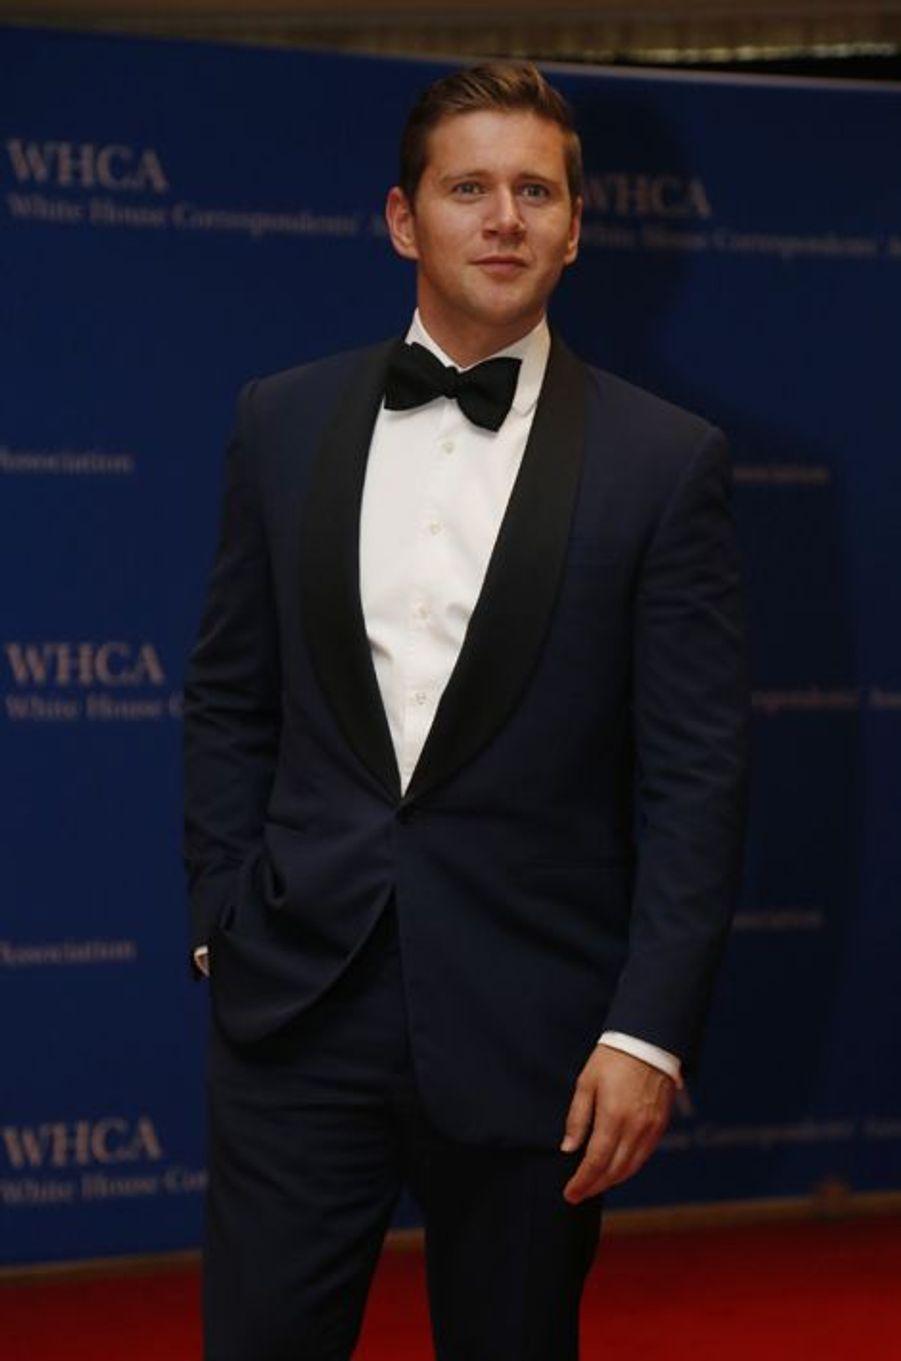 Allen Leech au dîner des Correspondants à la Maison Blanche, le 30 avril 2016 à Washington.